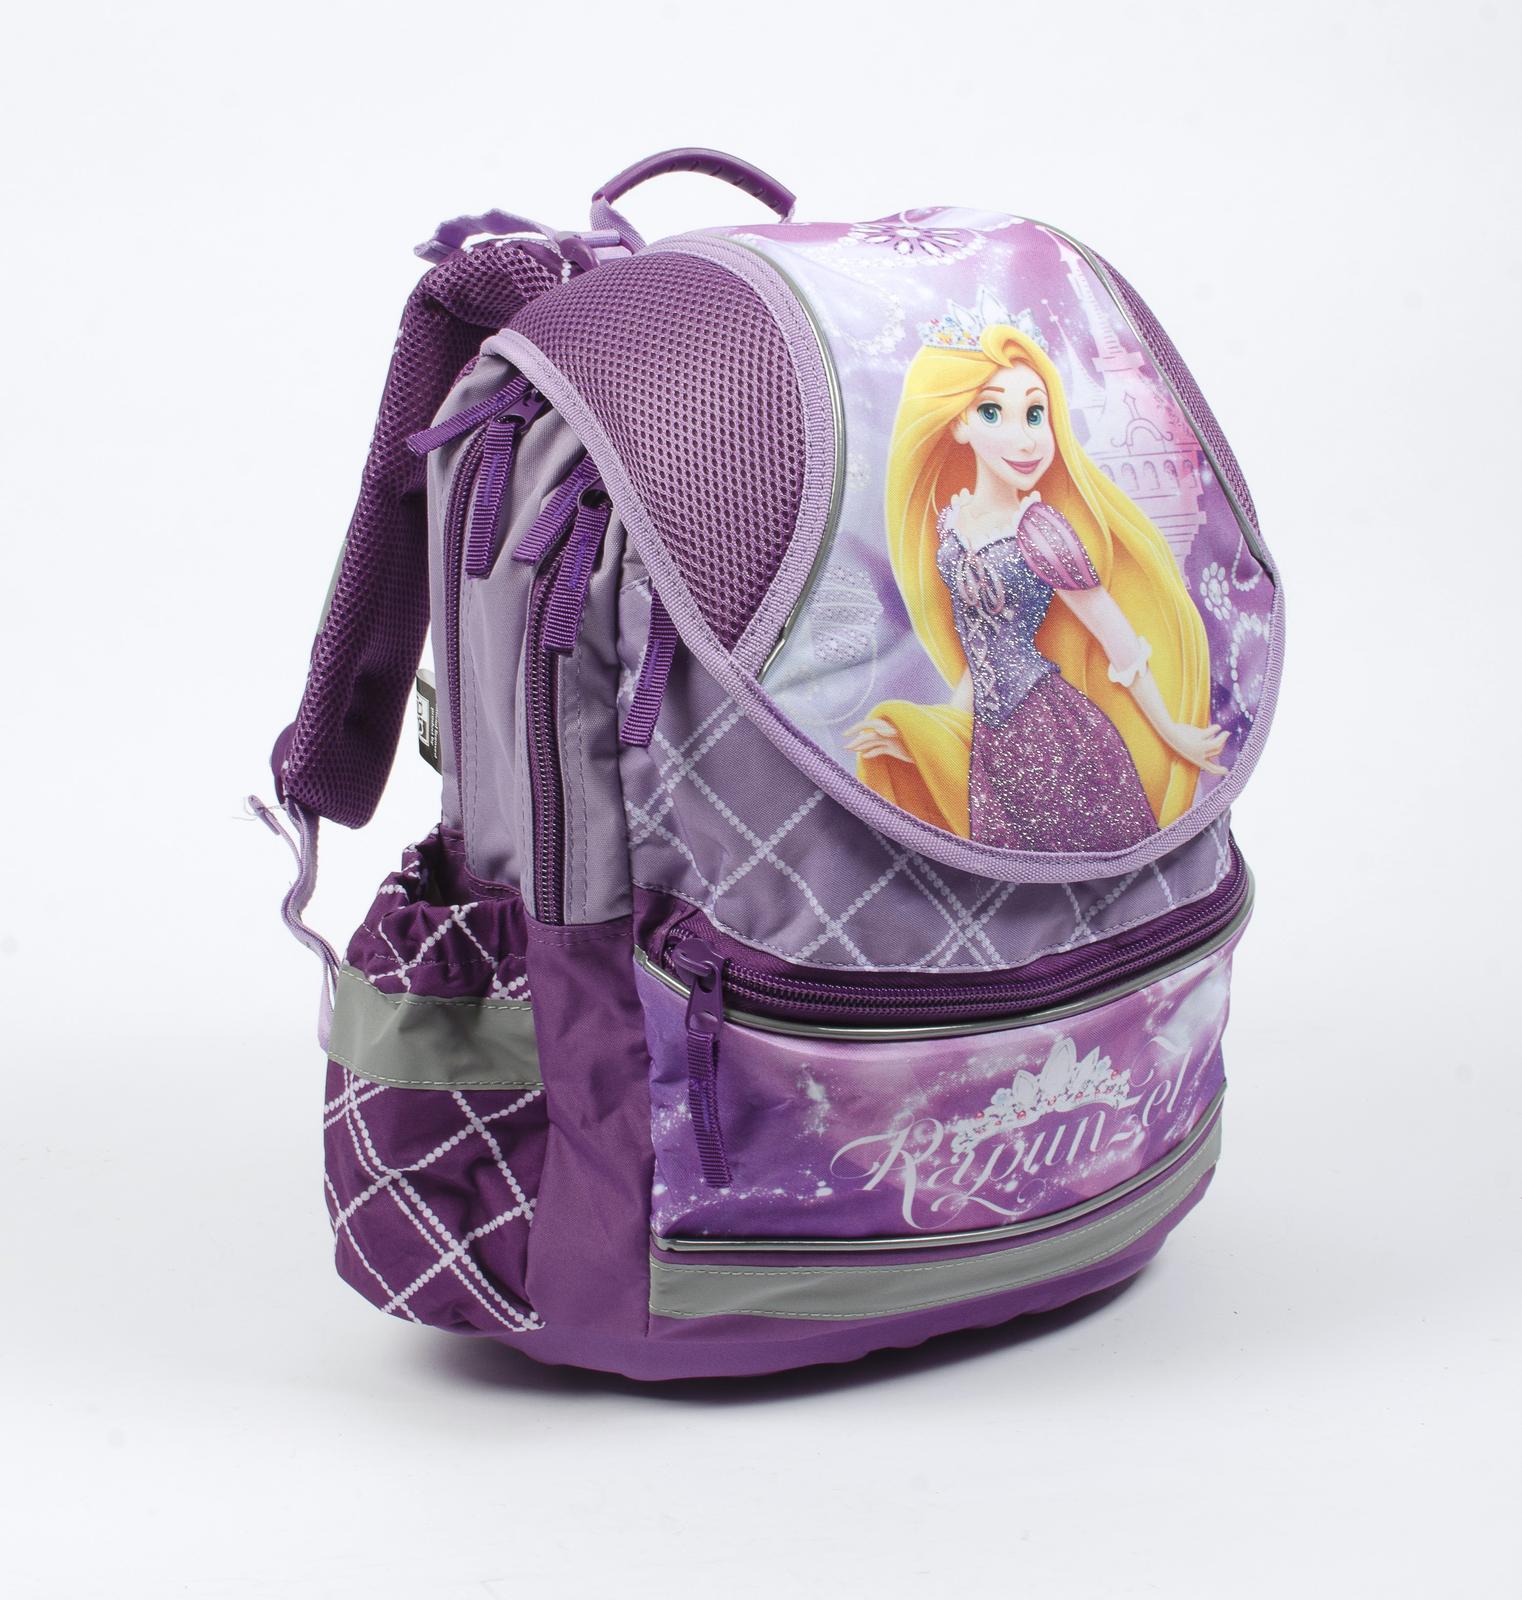 7d8822a186 Pre prvákov sú vhodné ergonomicky alebo anatomicky tvarované školské tašky  - na prvej fotke. Keď prváčik je nižší a menší tak odporúčame školskú tašku  ...